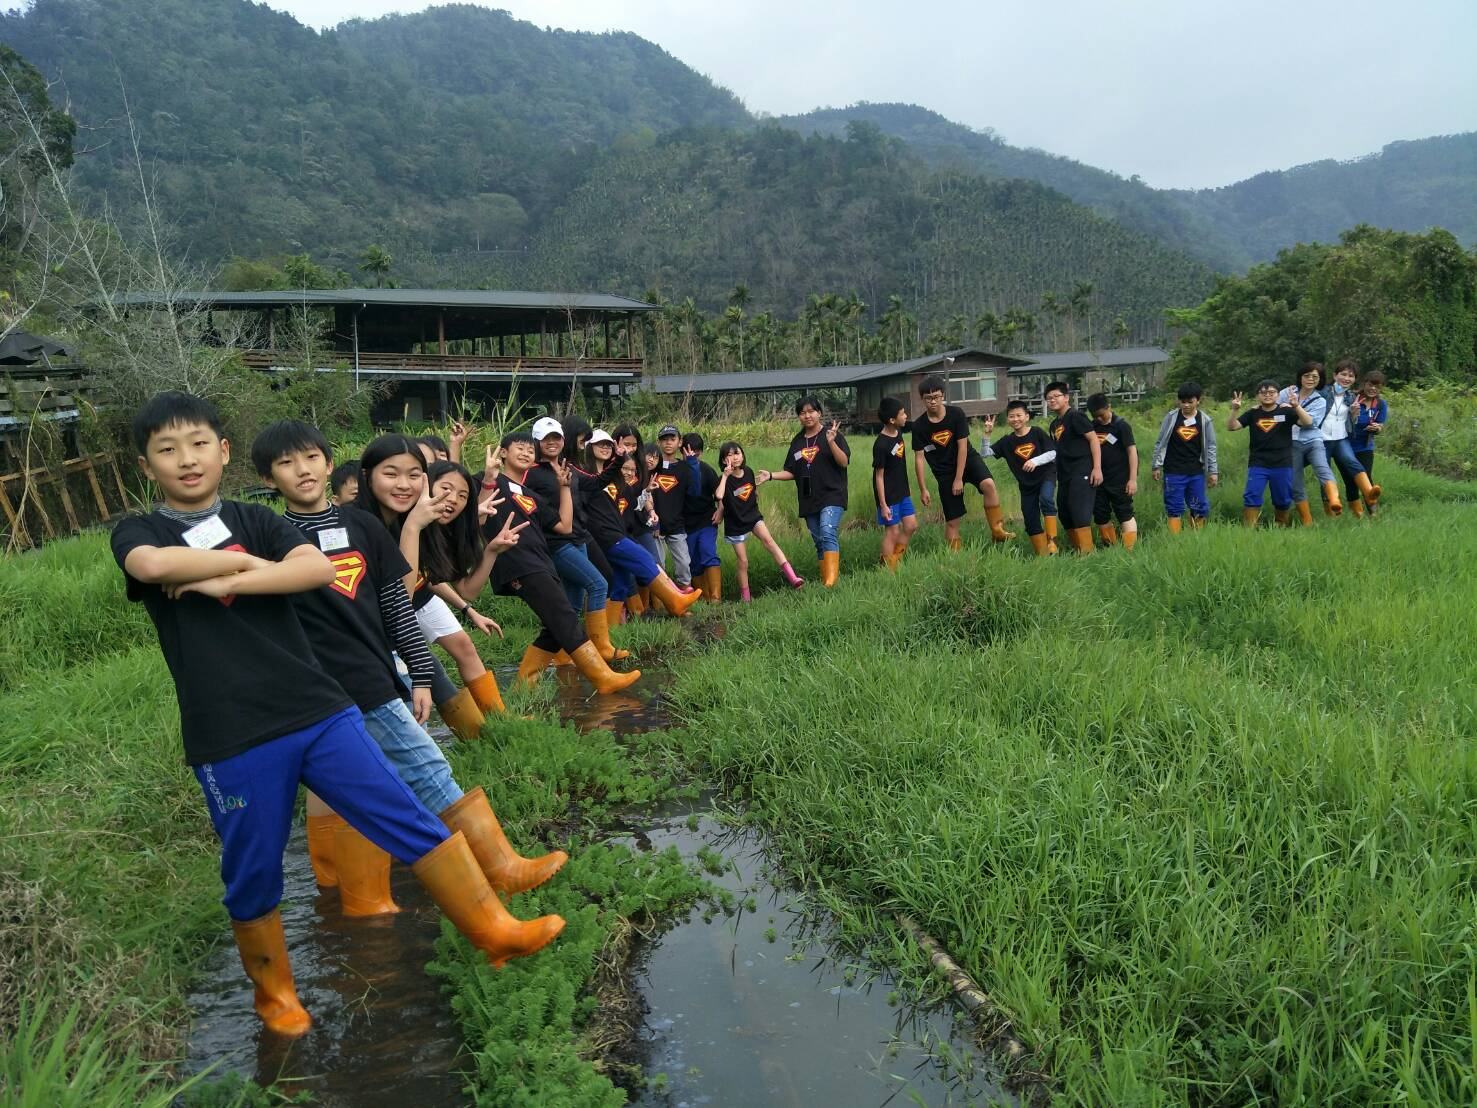 新增景點 濕地水生植物 教育園區